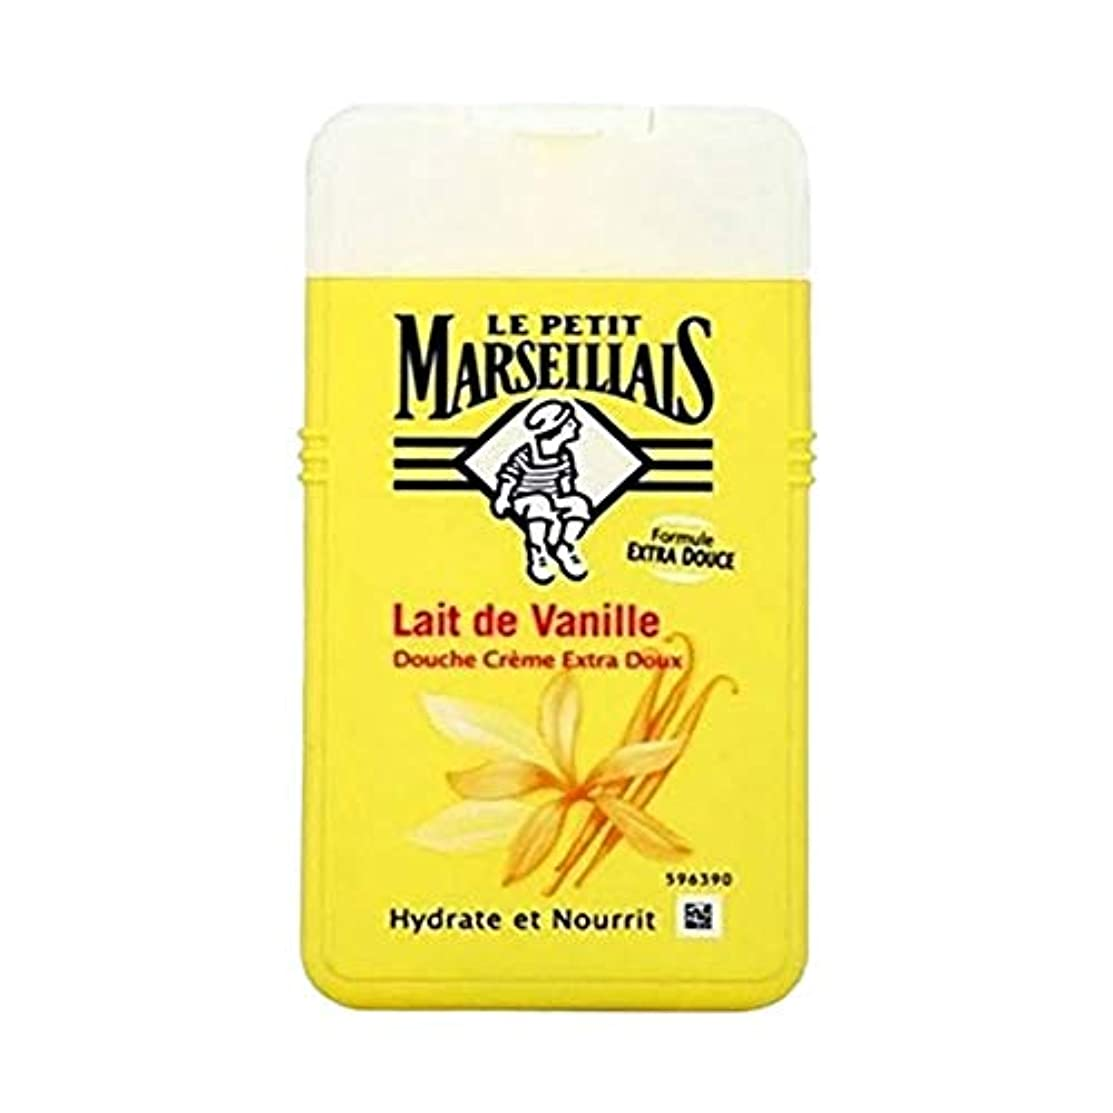 メナジェリー生き物支出「バニラミルク」 シャワークリーム フランスの「ル?プティ?マルセイユ (Le Petit Marseillais)」 250ml ボディウォッシュ